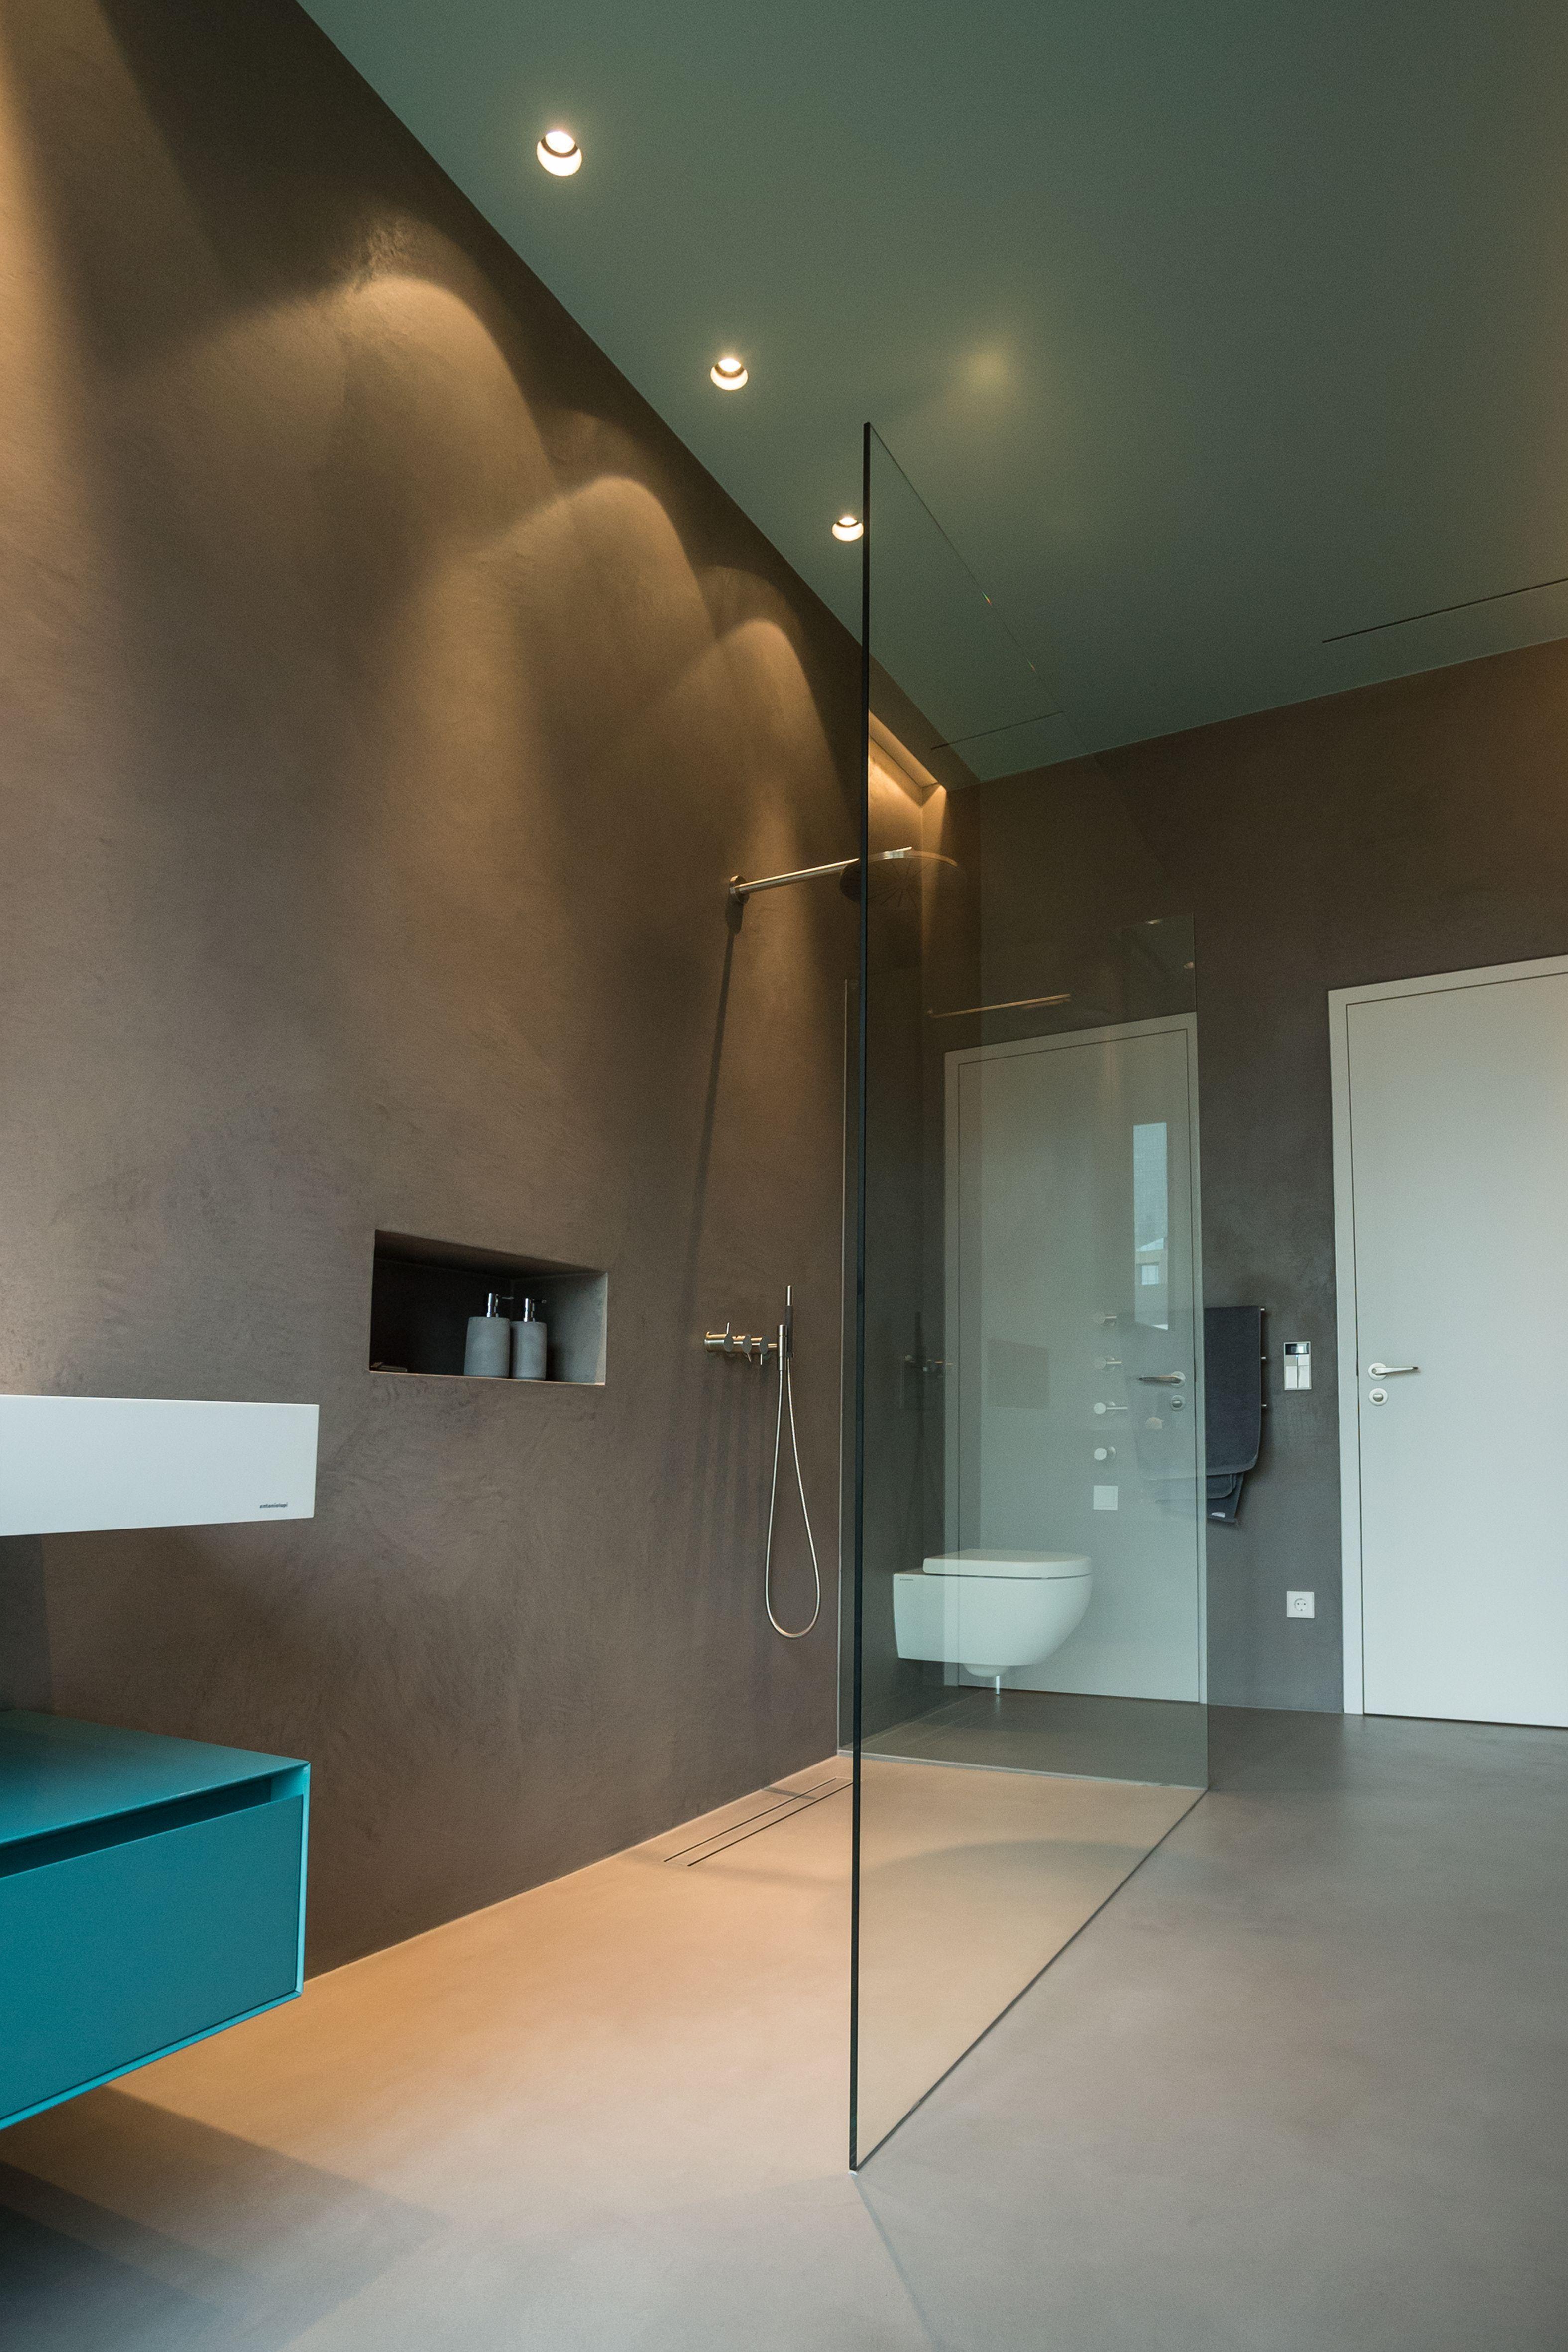 Nachahmung Von Beton Auch In Feuchten Bereichen Ob Wand Oder Boden Kein Problem Nahtlos In 2020 Badgestaltung Badezimmer Badezimmer Dekor